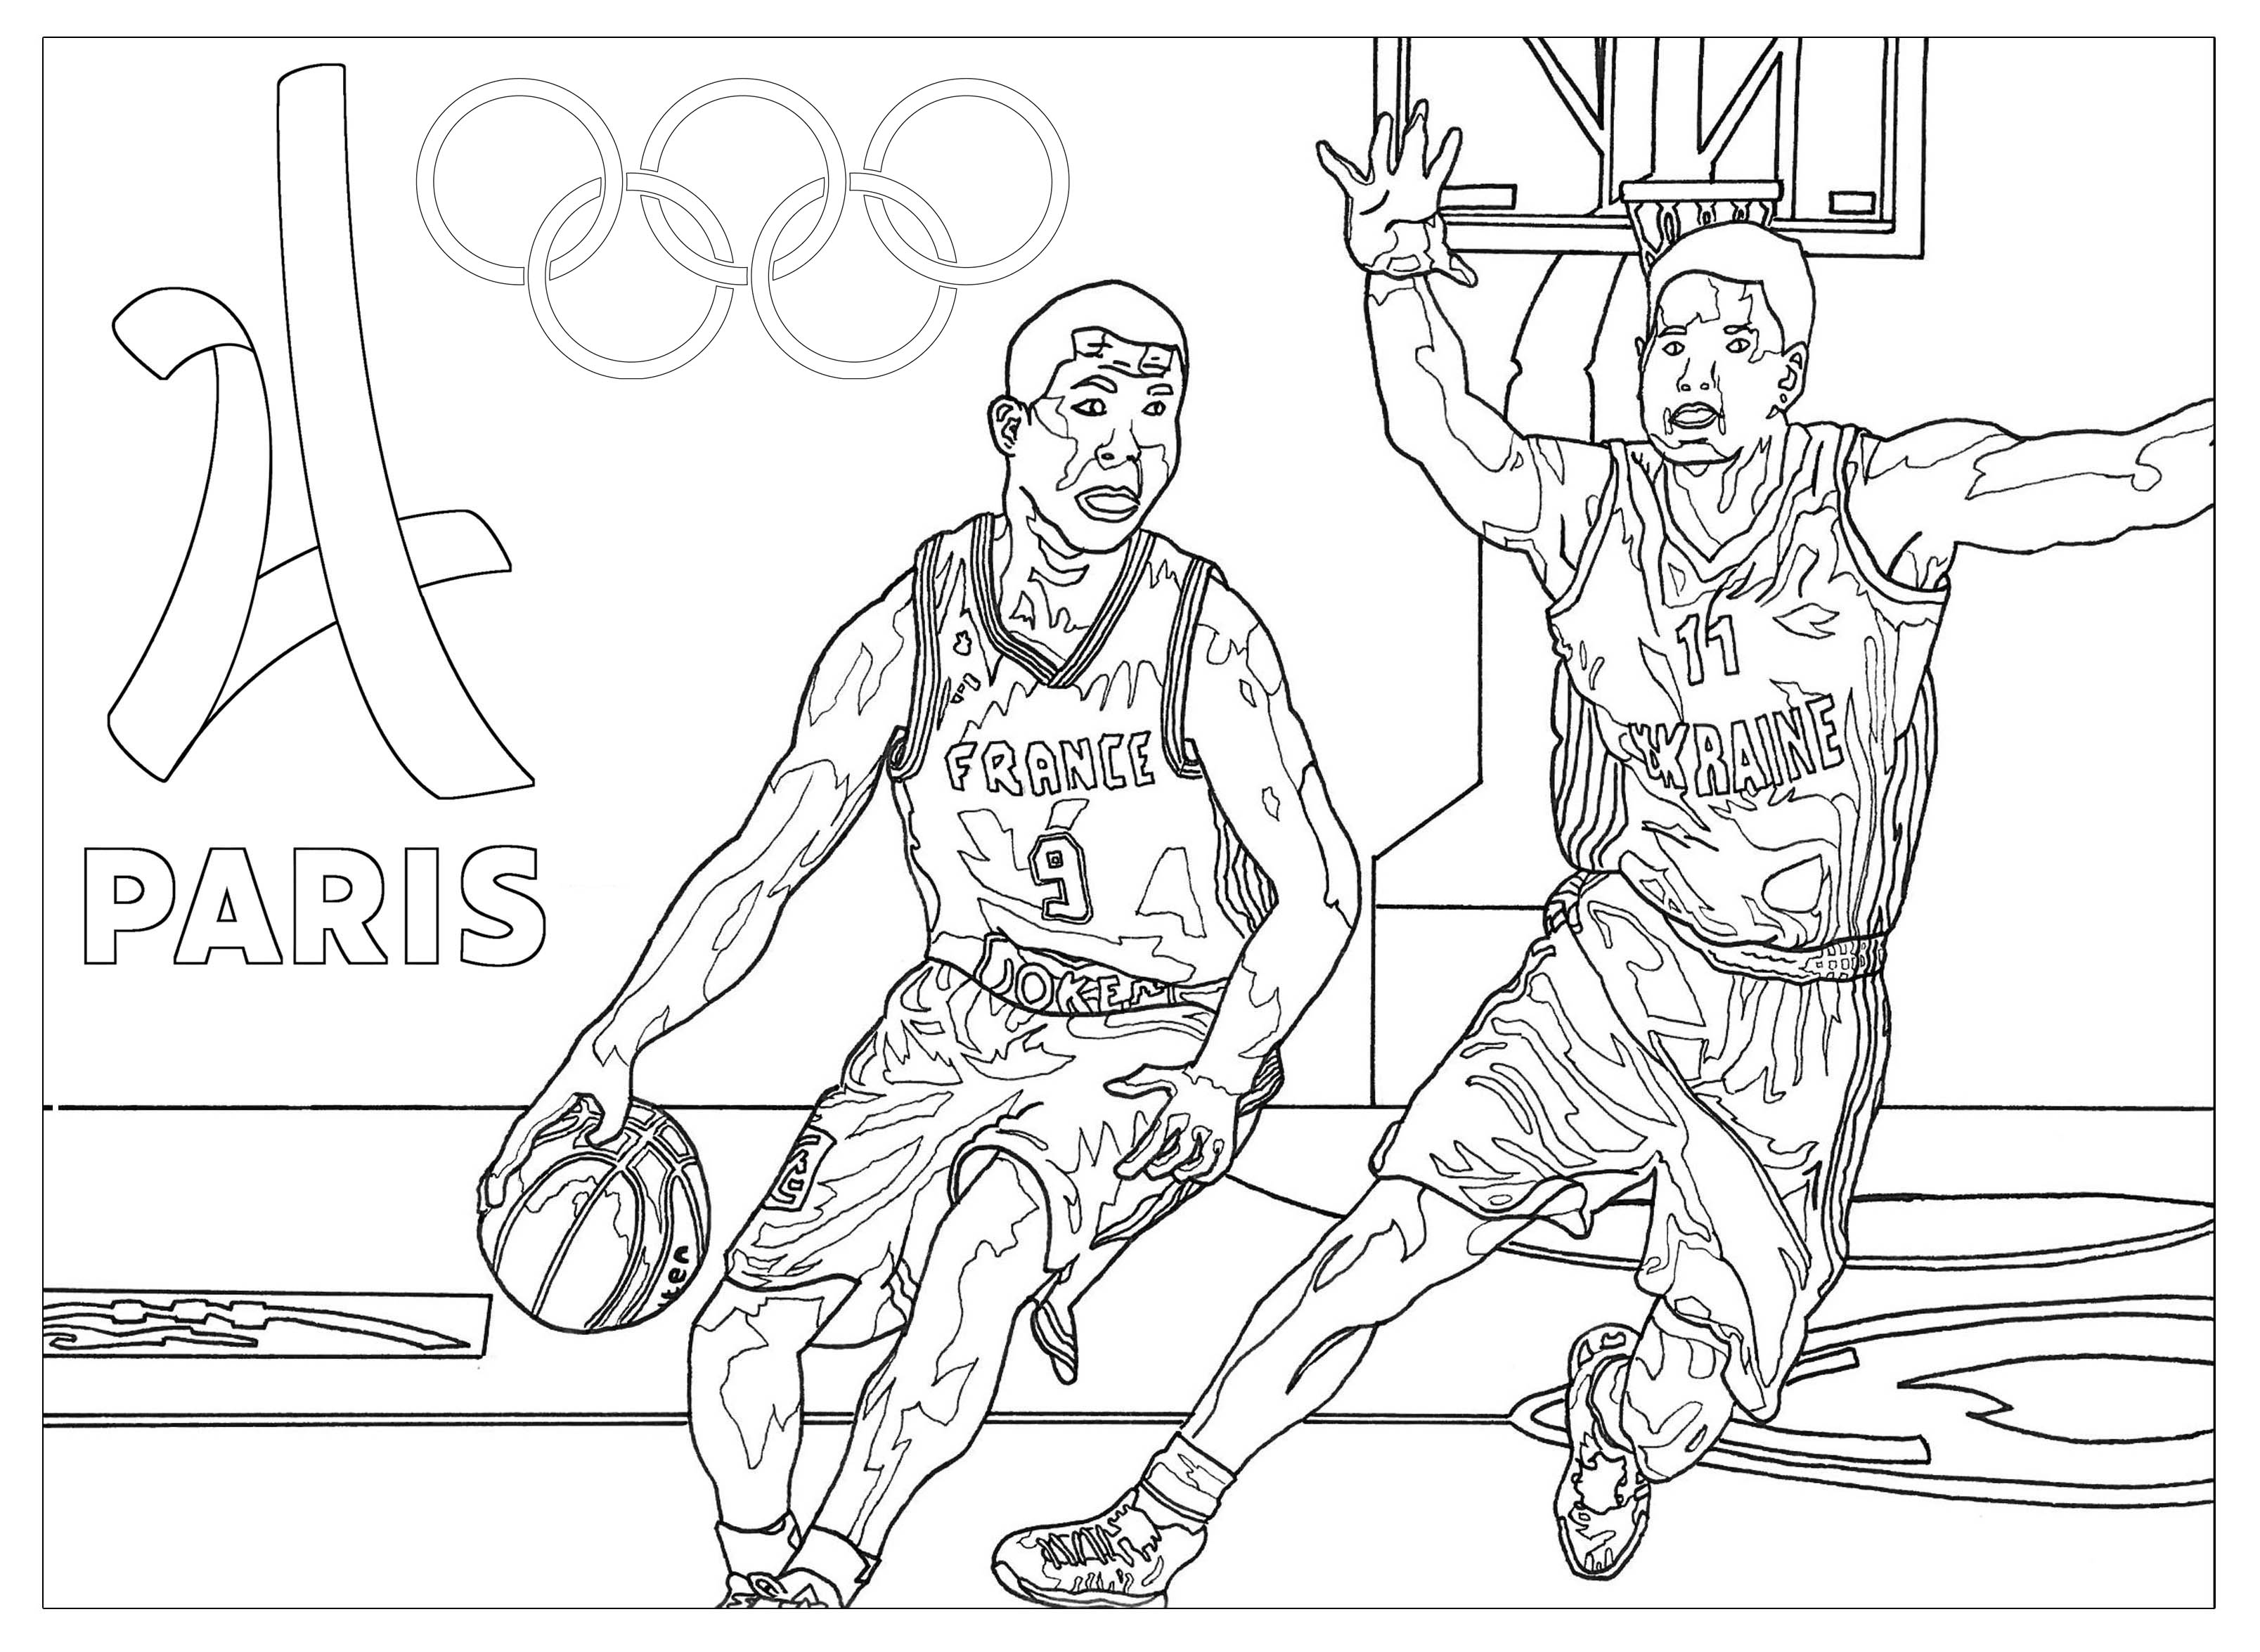 Disegni da colorare per adulti : Sport / Olimpiadi - 8